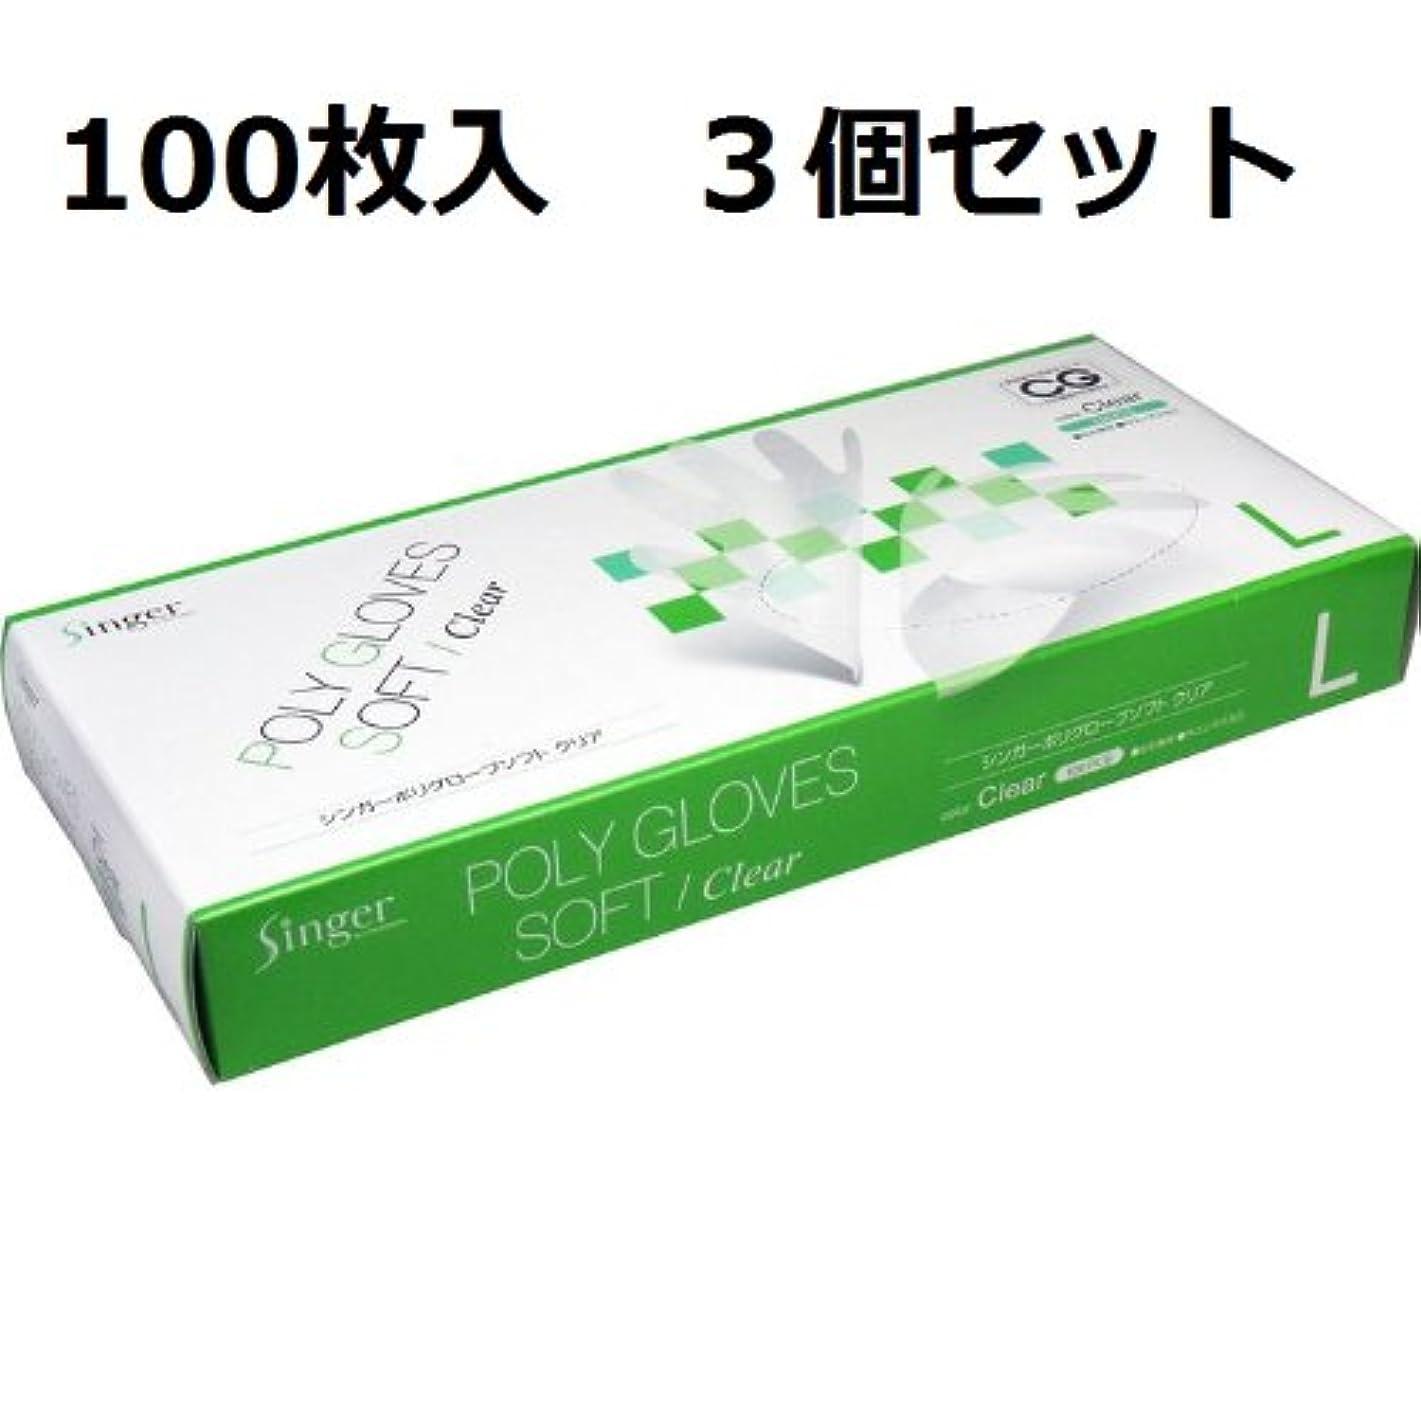 苦洞窟とにかく食品衛生法適合商品 100枚入 ポリ手袋 Lサイズ 3個セット